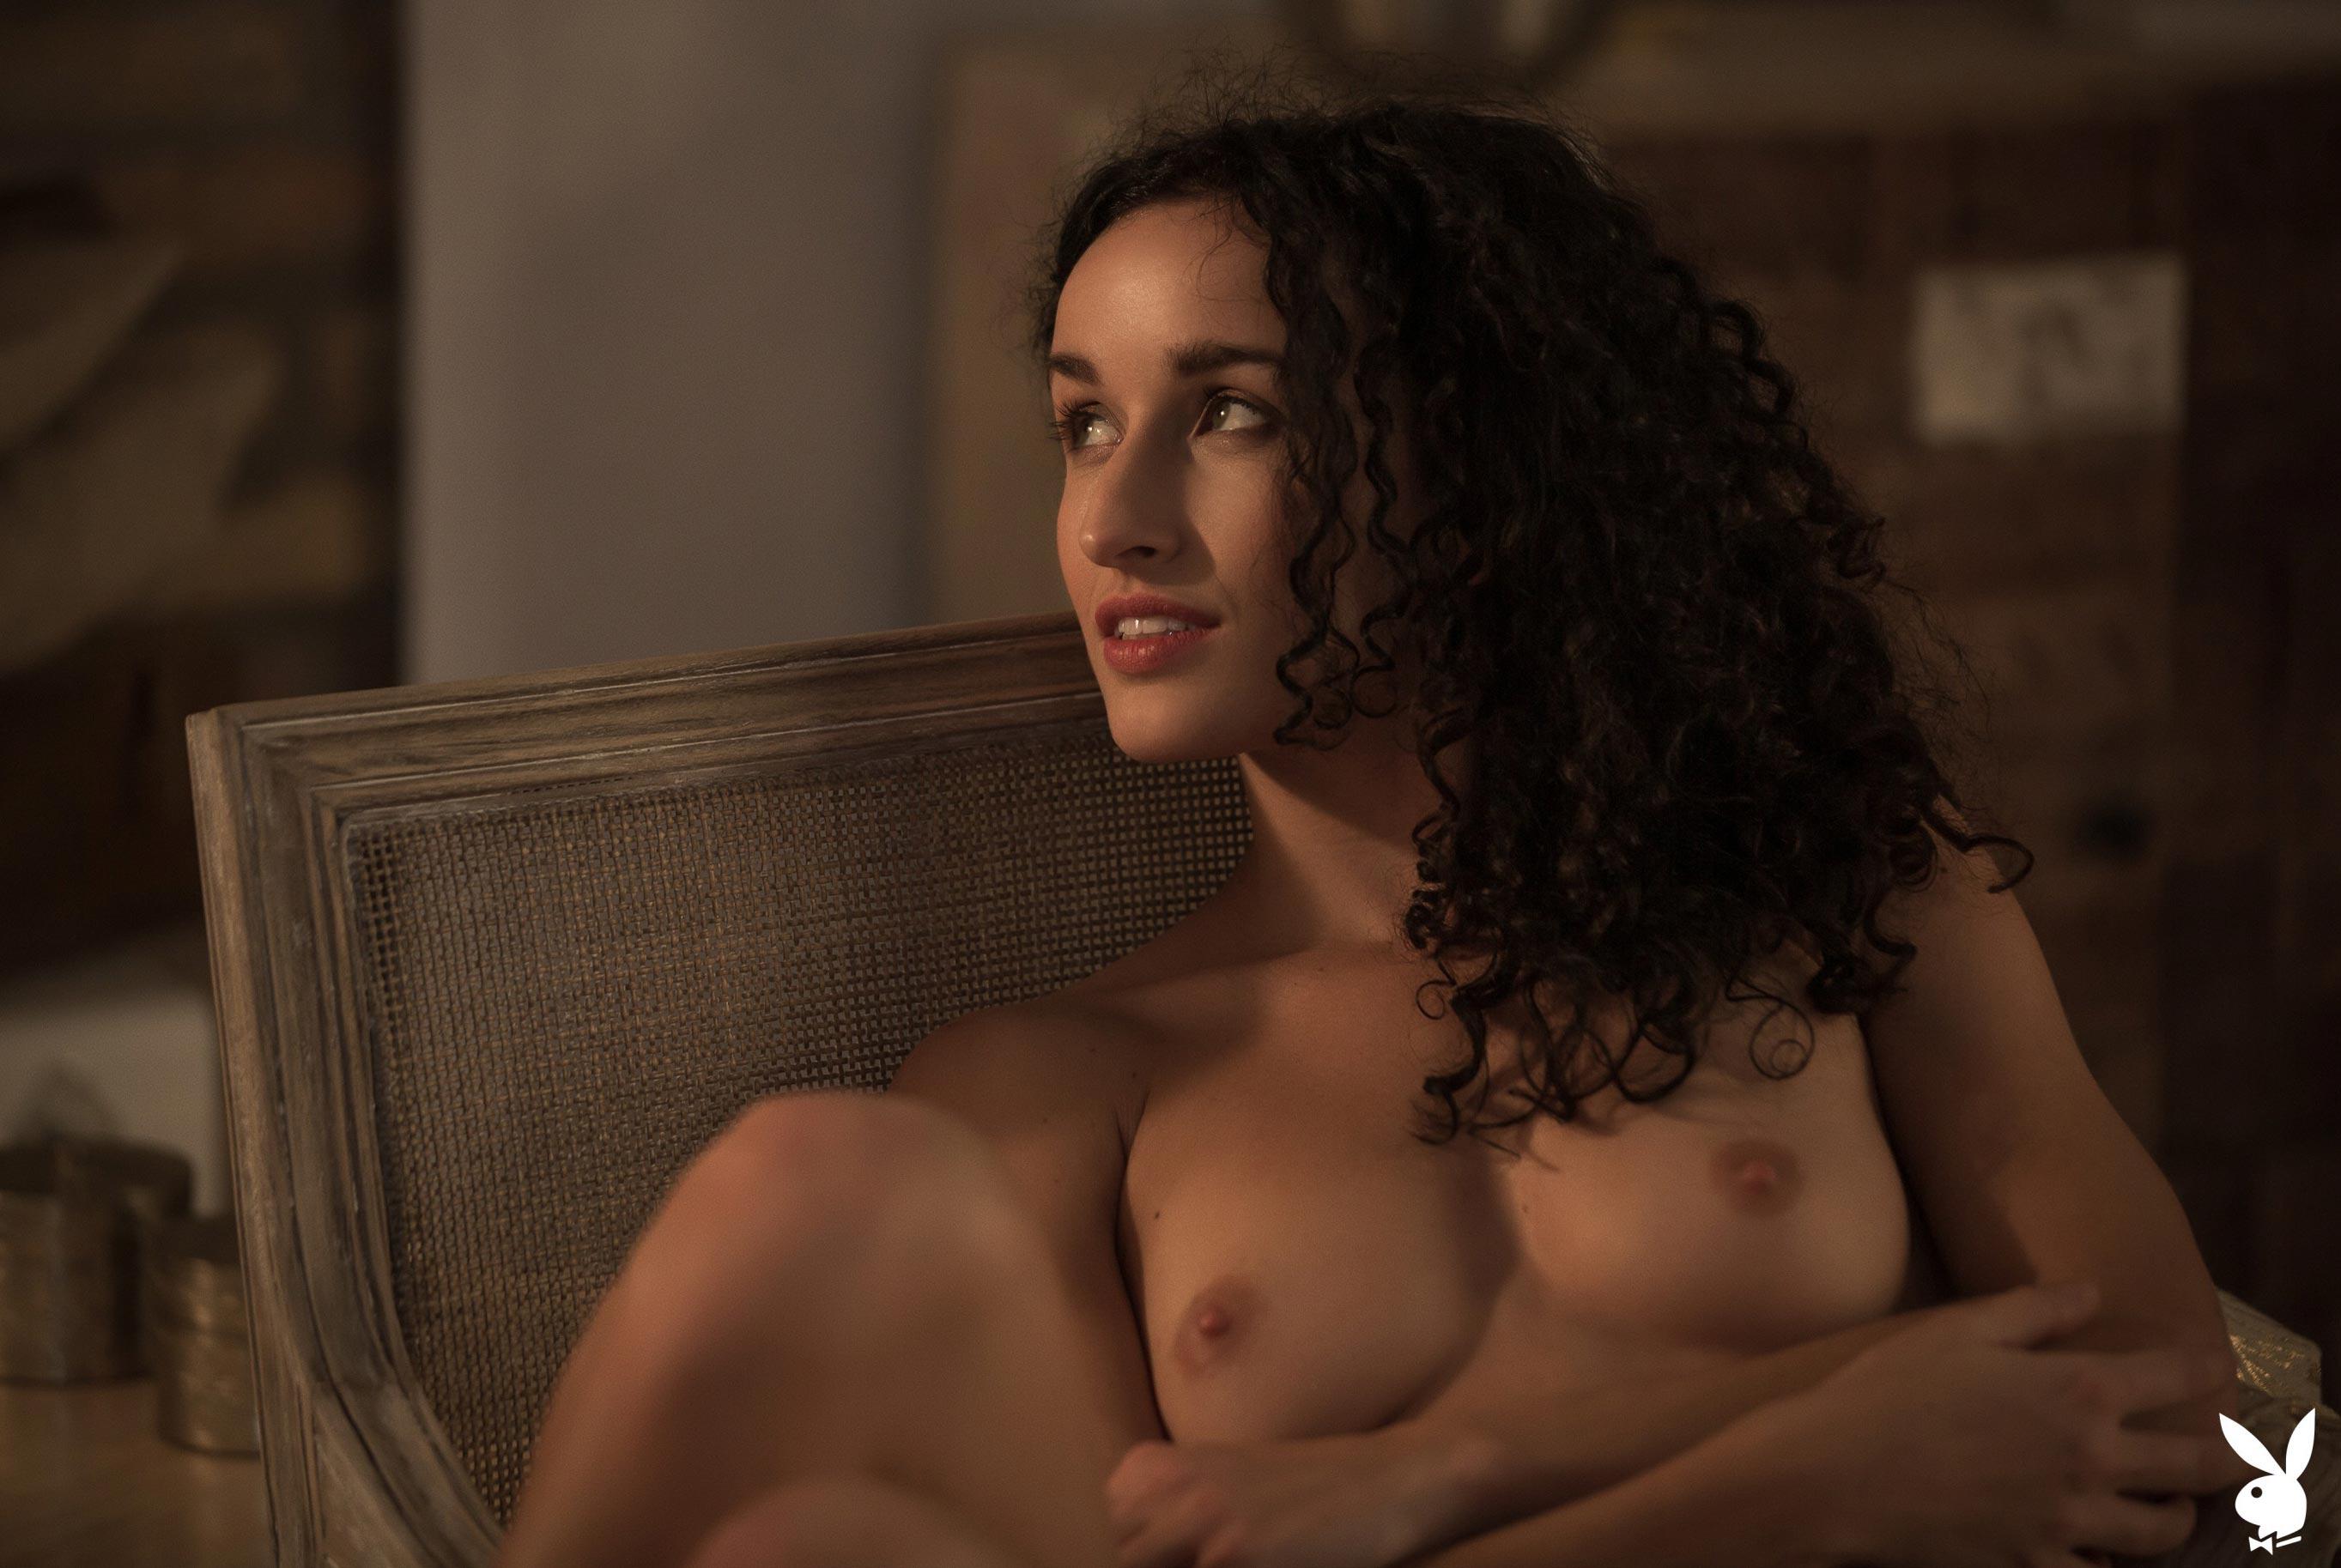 сексуальная венгерская модель Люси в спокойной домашней обстановке / фото 14